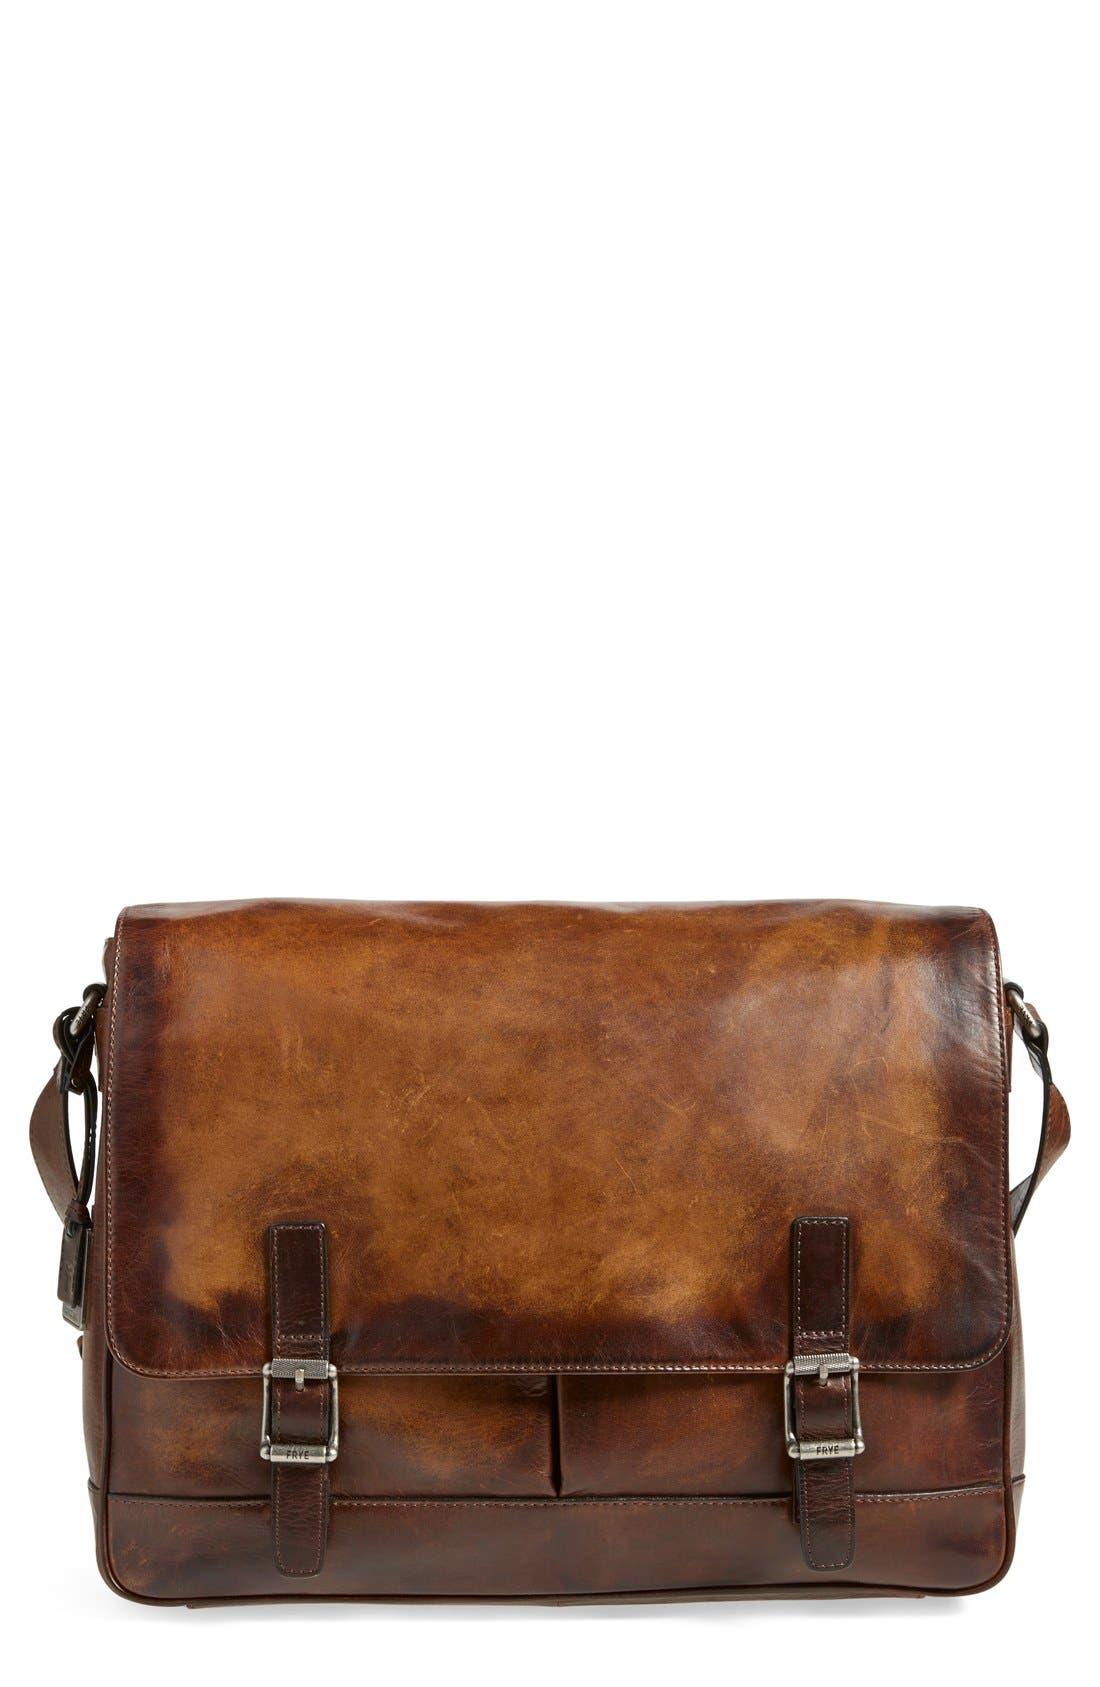 Alternate Image 1 Selected - Frye 'Oliver' Leather Messenger Bag